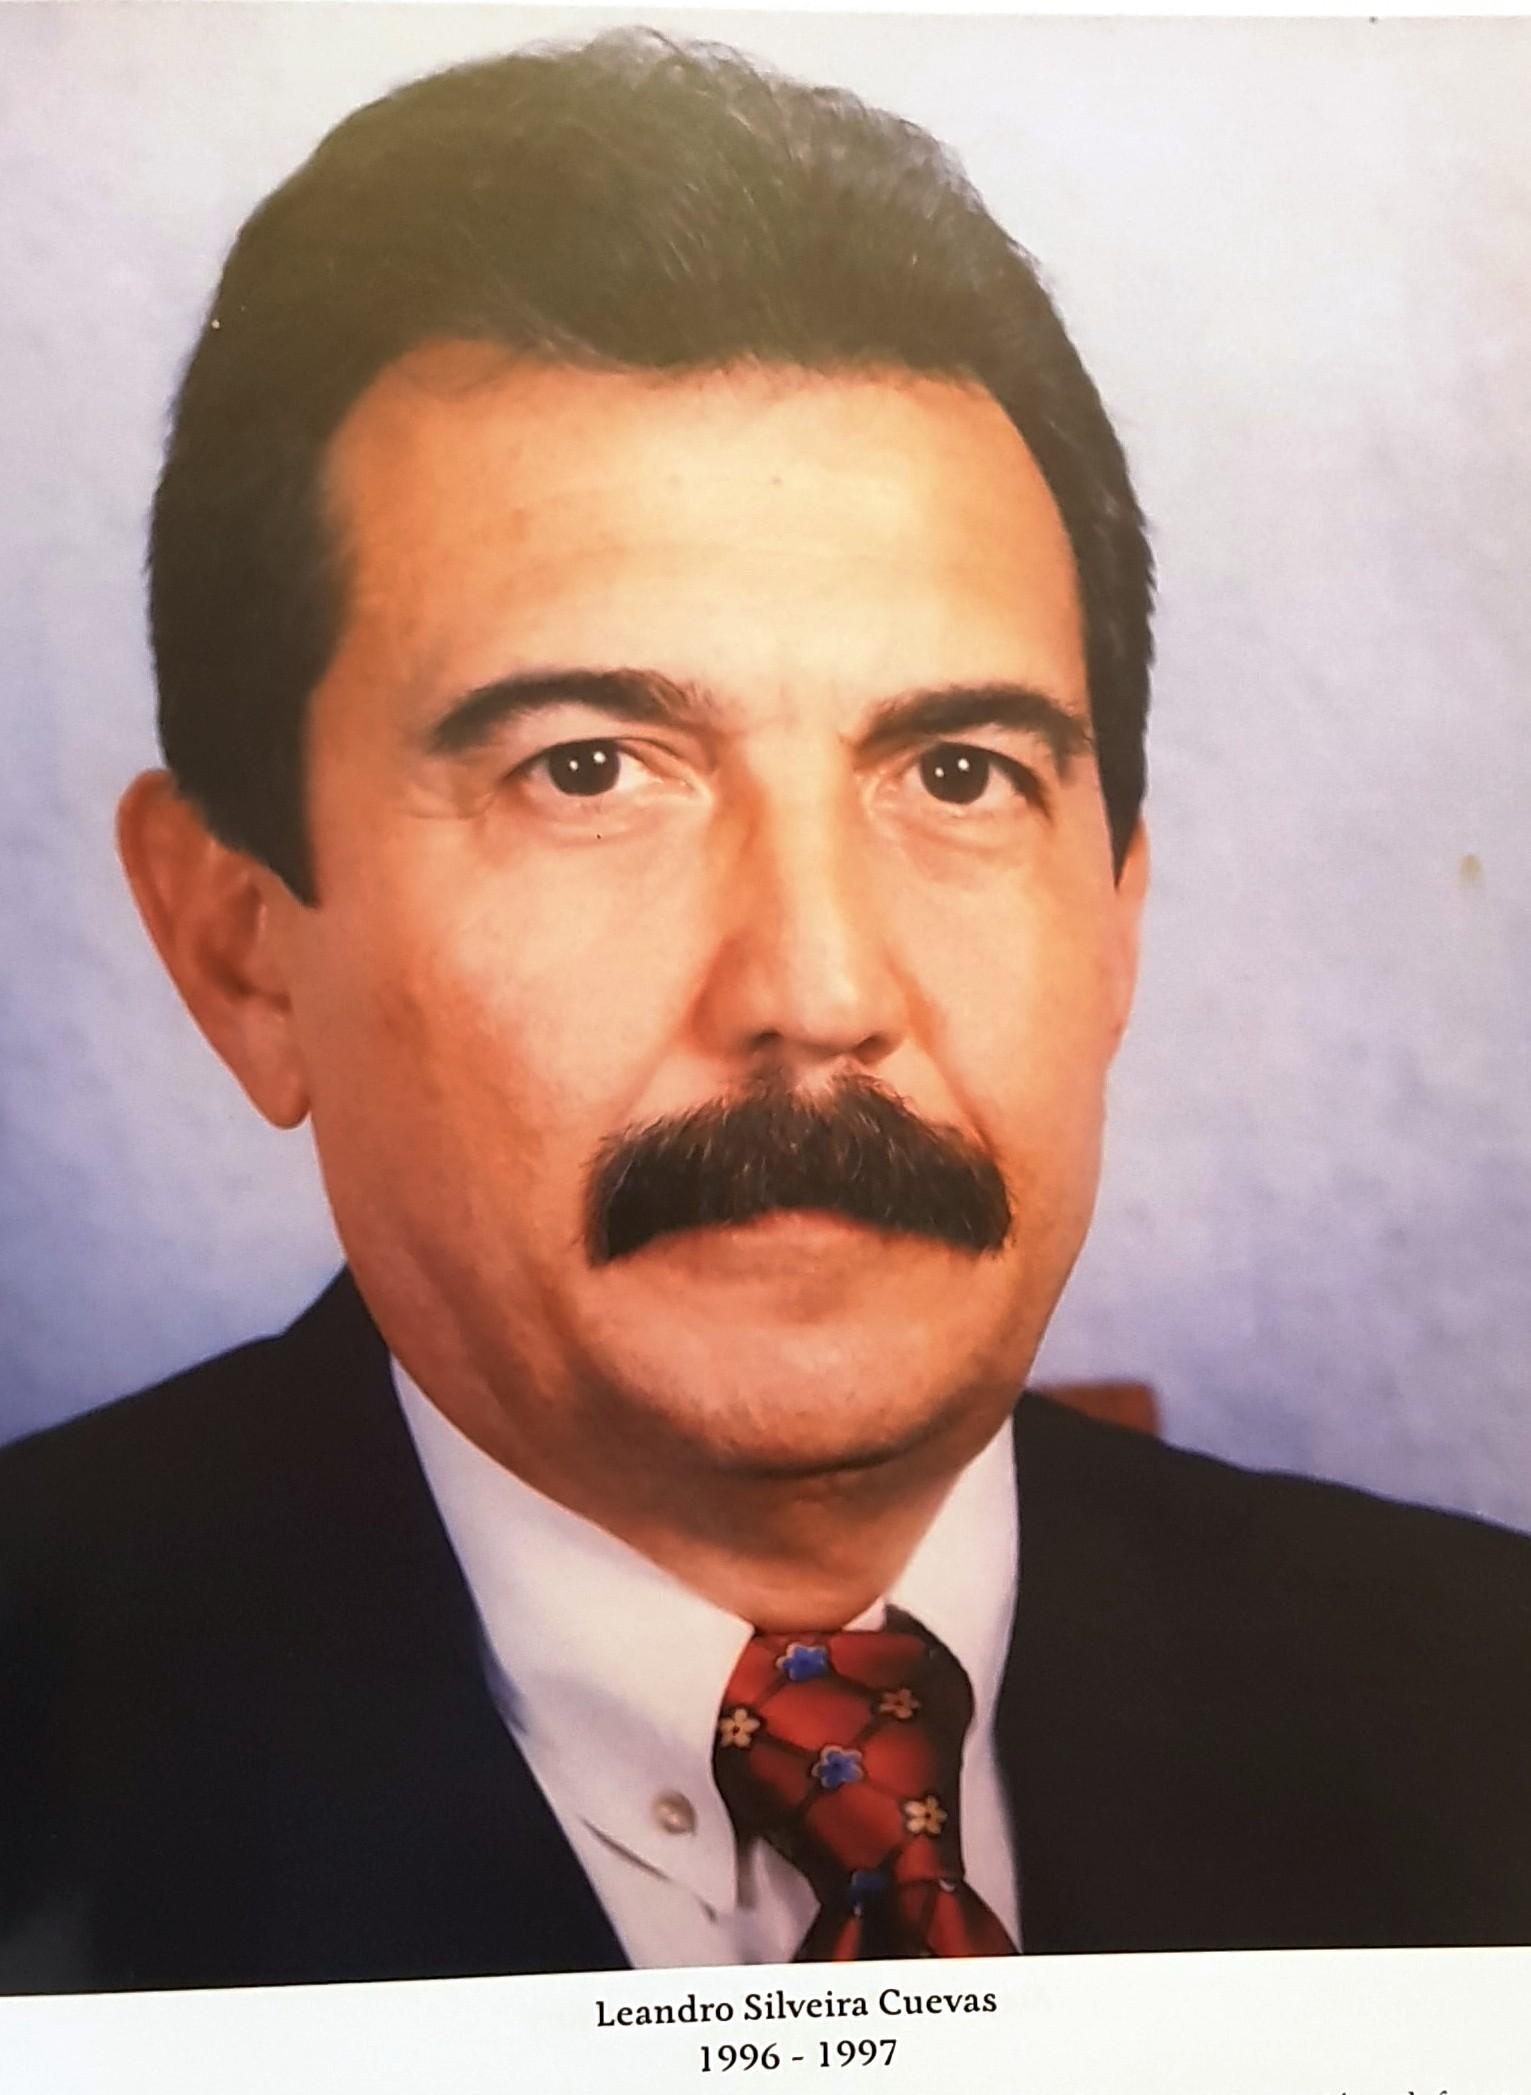 PRESIDENTE DE COPARMEX SR. LEANDRO SILVEIRA CUEVAS